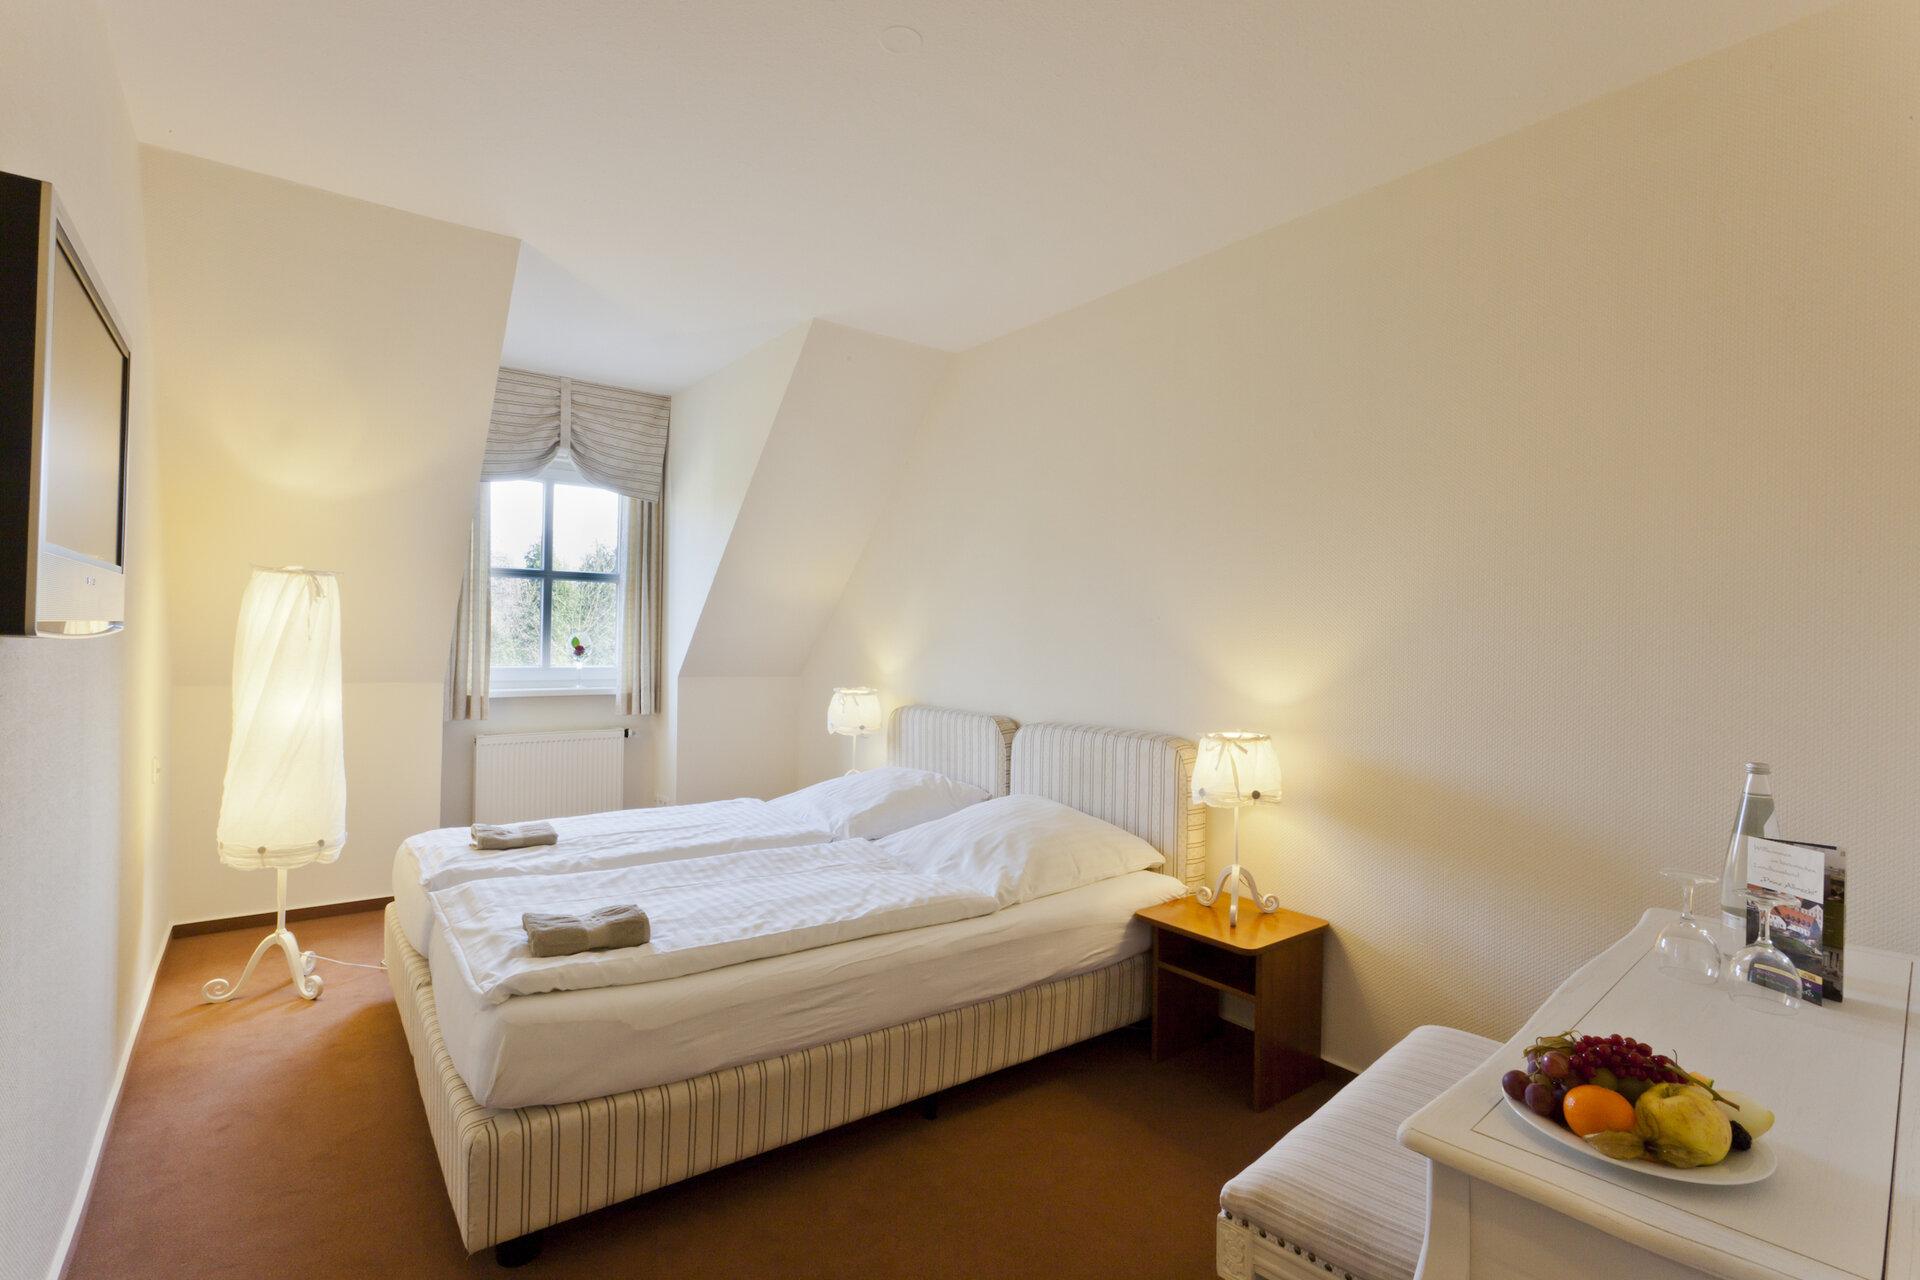 Zimmer im Haupthaus Foto: Bernd Geller